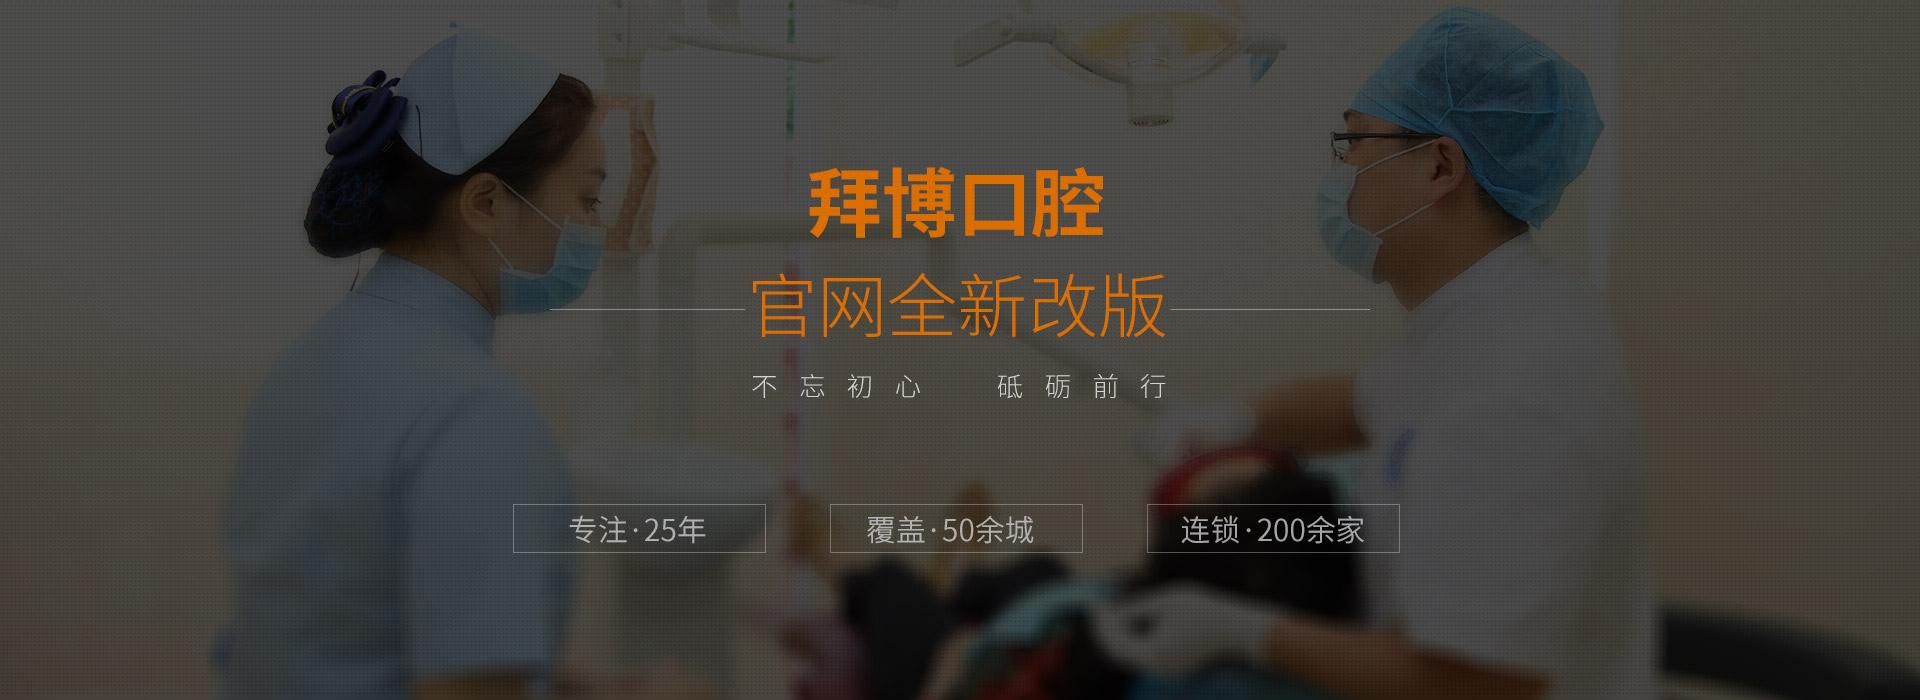 网站升级改版